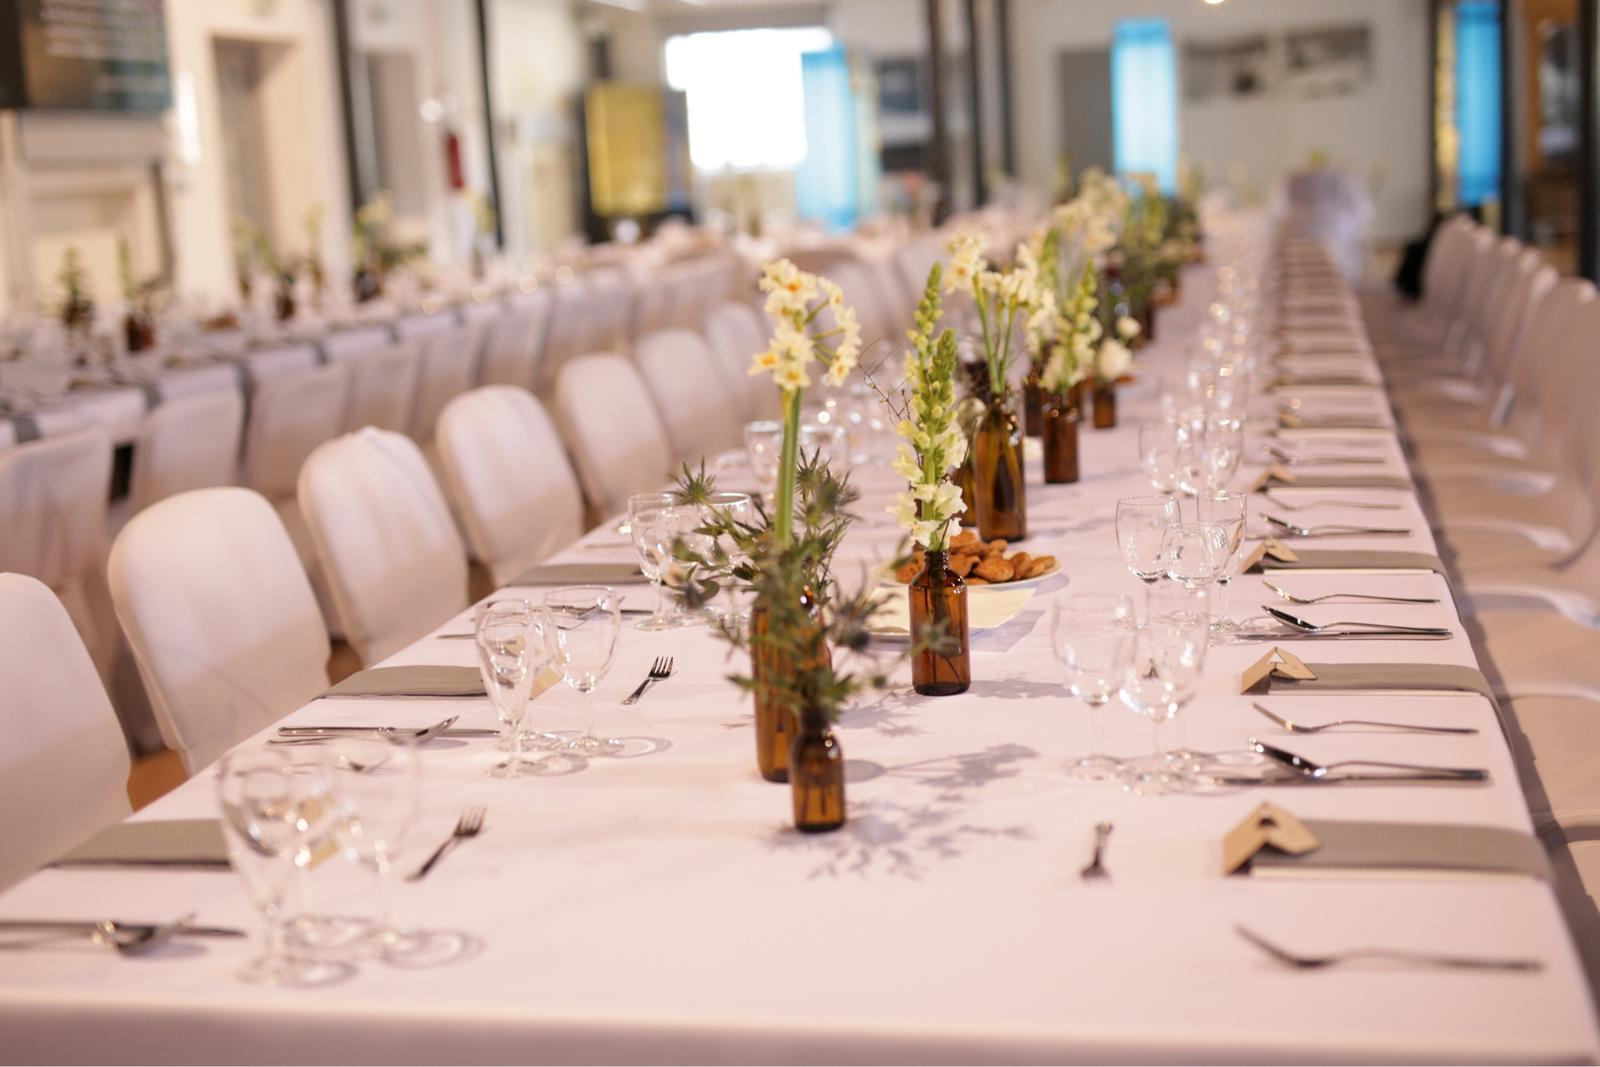 Perfect industrial wedding 24.2.2018 - Obrázok č. 3